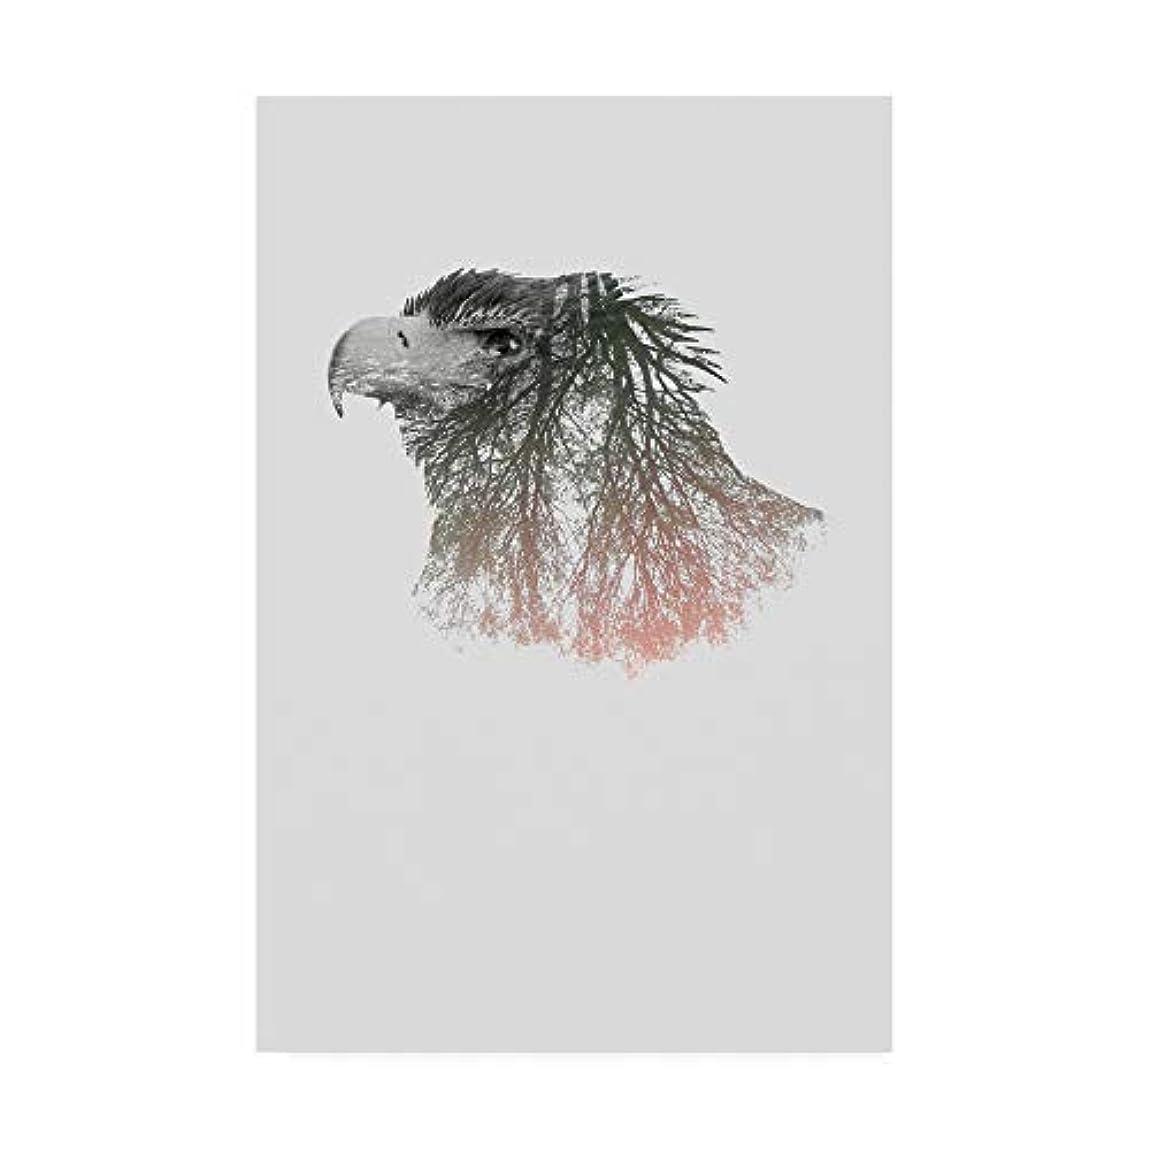 死傷者トリップ頑丈Trademark Fine Art IC01758-C1219GG Eye of The Forest I Clean Nature製 12x19 複数 12x19 IC01758-C1219GG